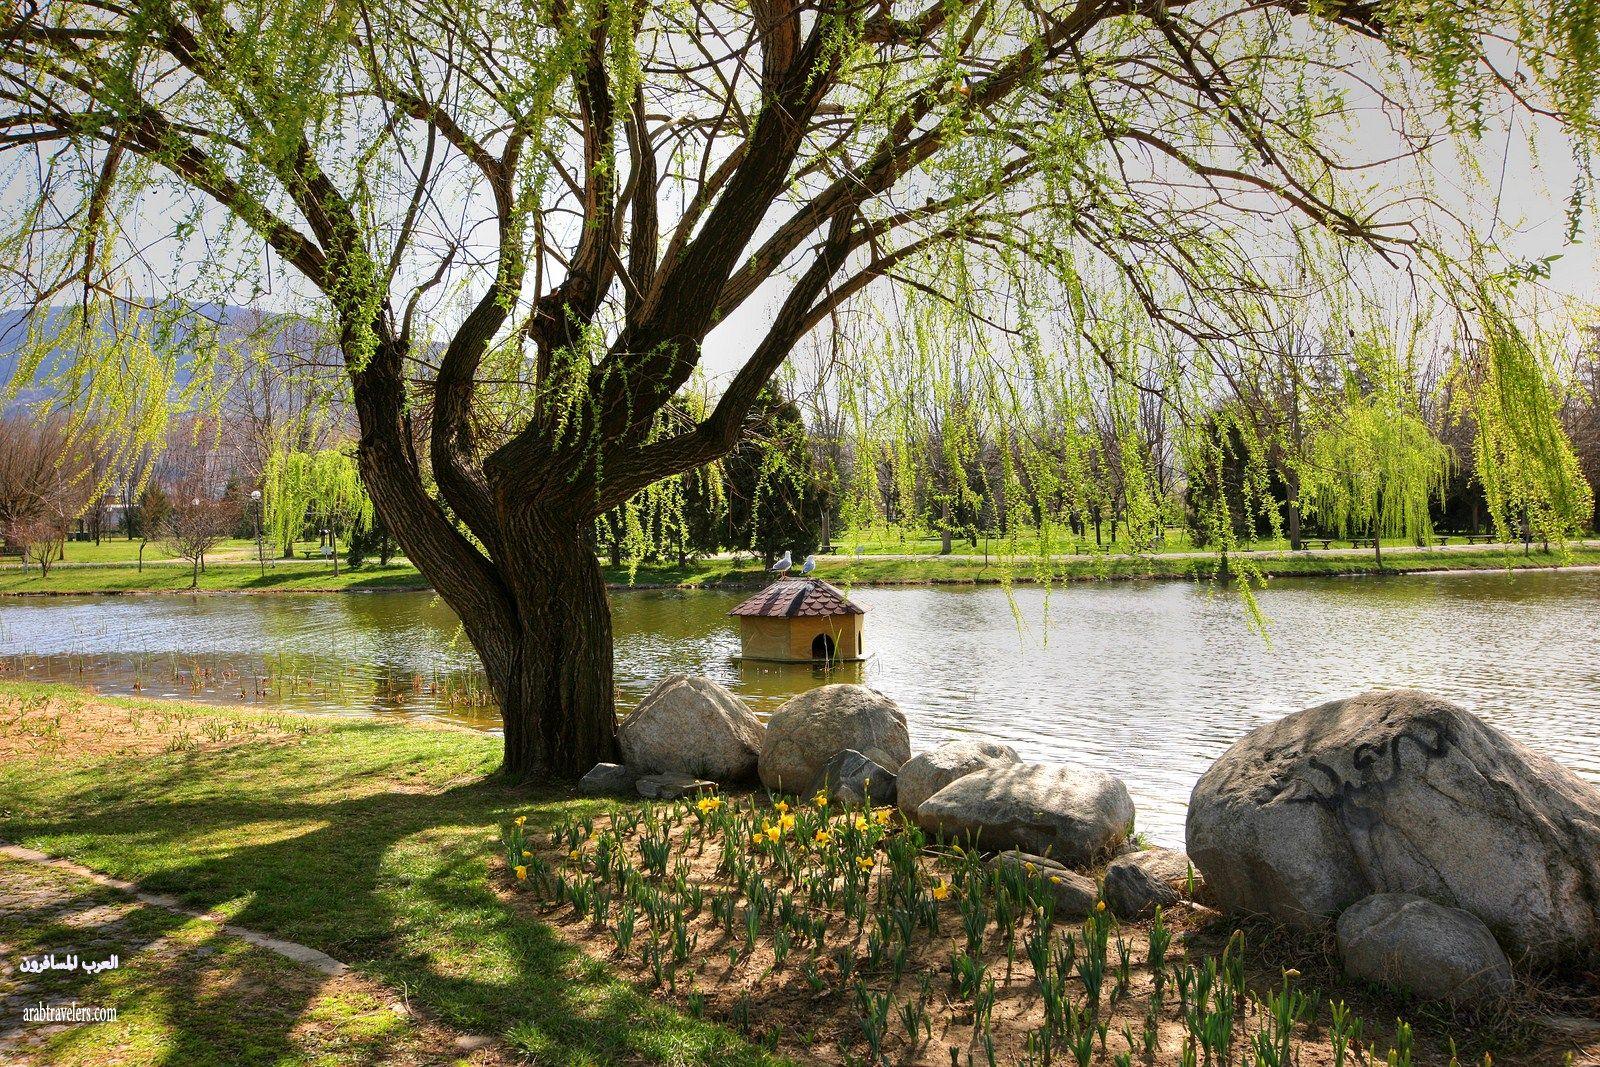 411071 المسافرون العرب اجمل صور حدائق تركيا